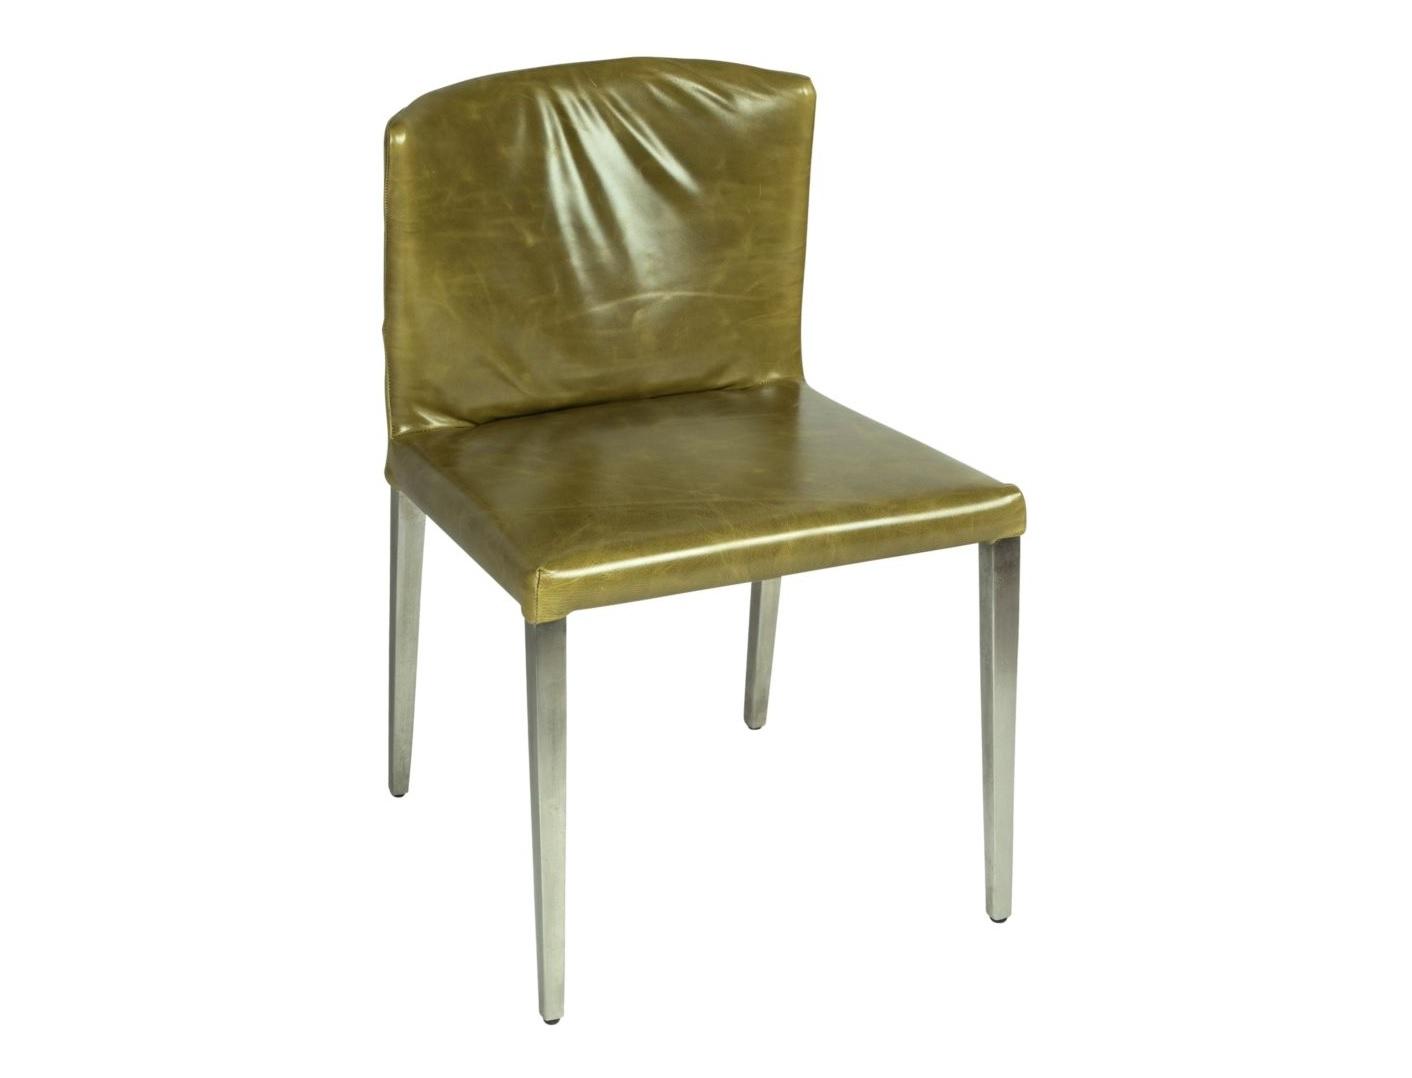 Стул TacitОбеденные стулья<br><br><br>Material: Кожа<br>Ширина см: 50<br>Высота см: 76<br>Глубина см: 53